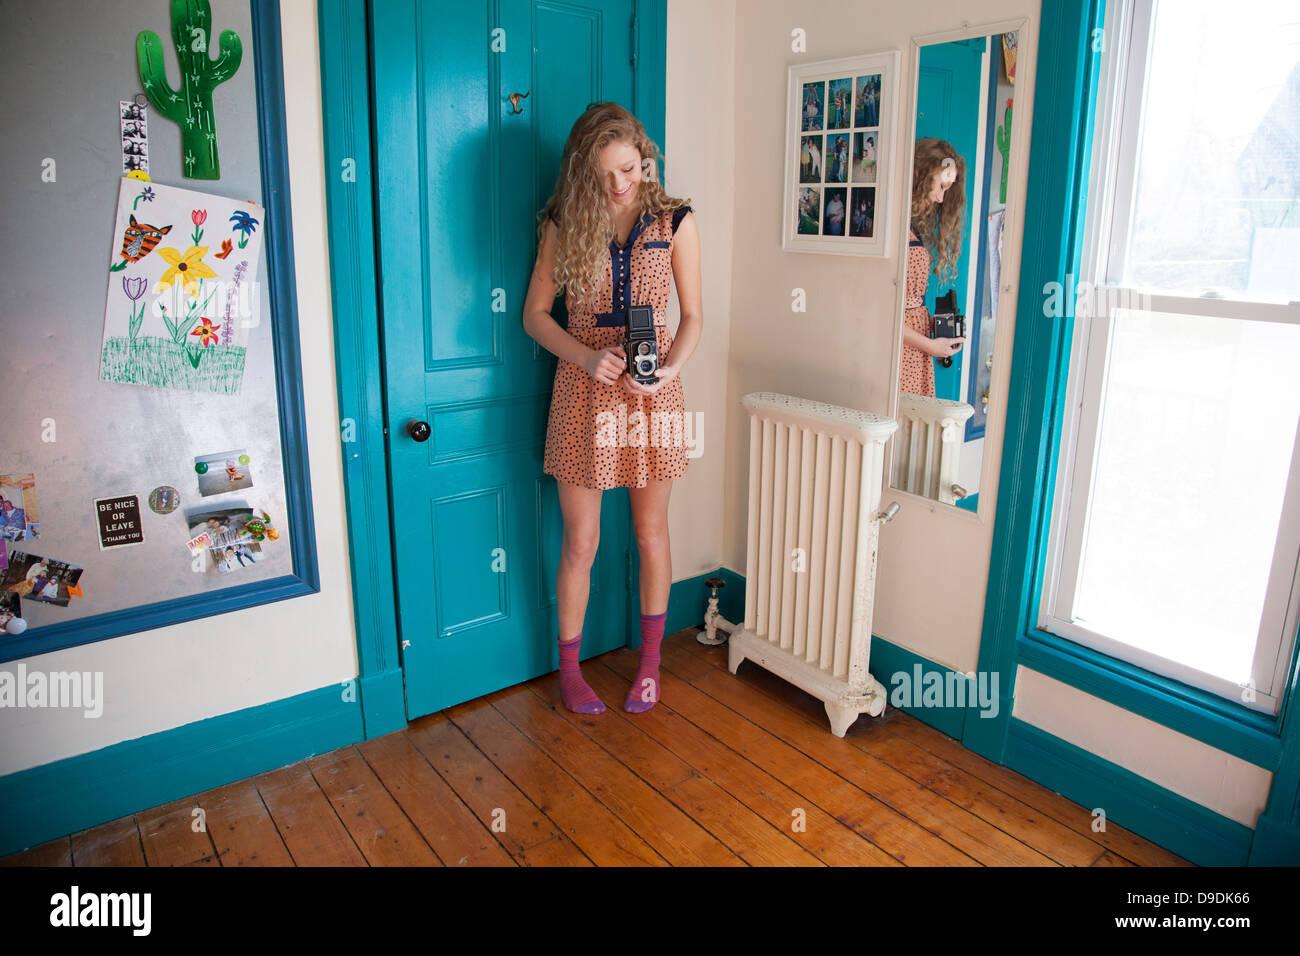 Adolescente de pie en el dormitorio con muebles antiguos de cámara Imagen De Stock